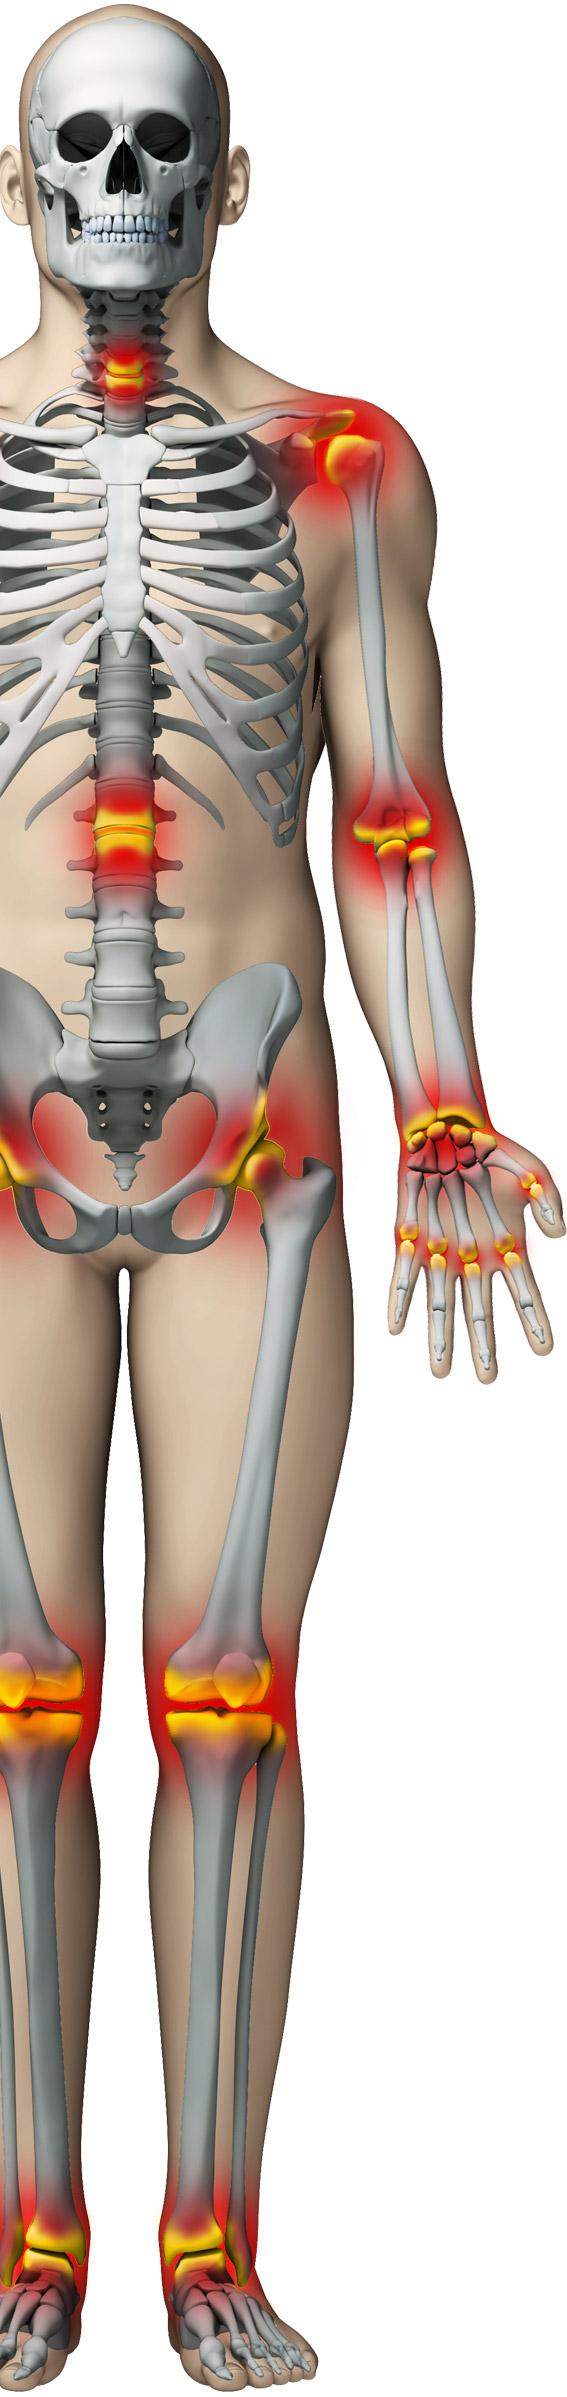 dureri articulare dintr-un picătător dureri de durere a articulației brațului